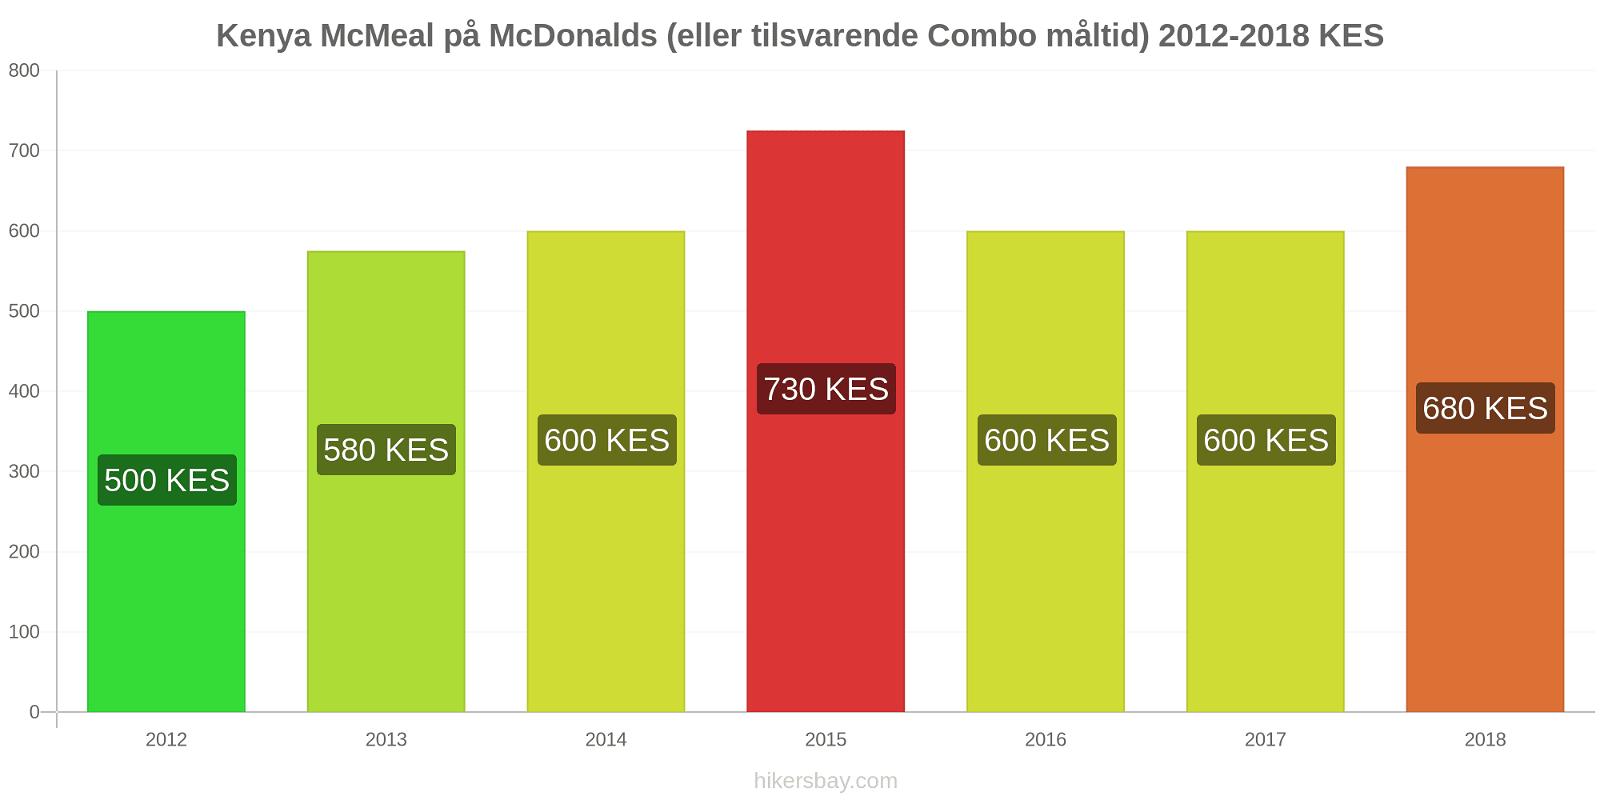 Kenya prisændringer McMeal på McDonalds (eller tilsvarende Combo måltid) hikersbay.com